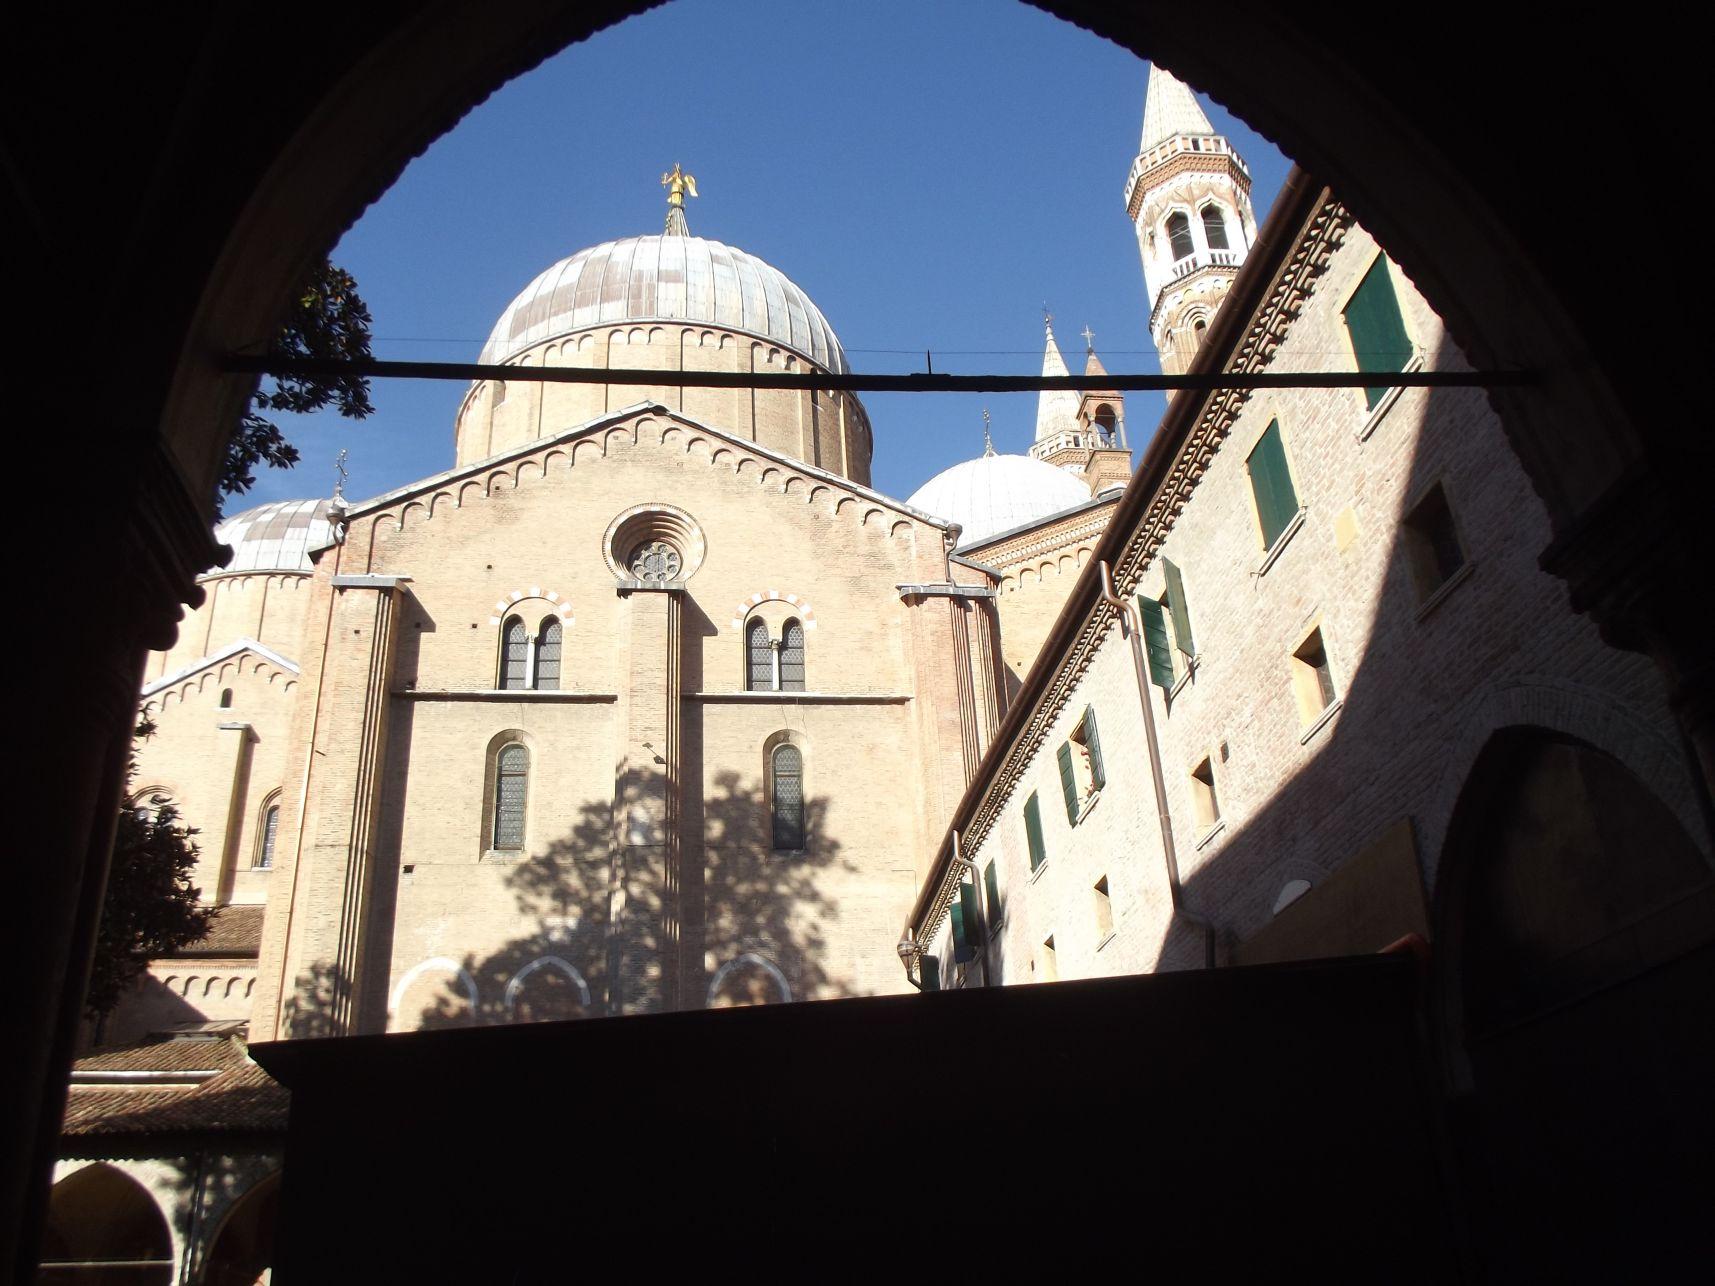 Szent Antal Bazilika